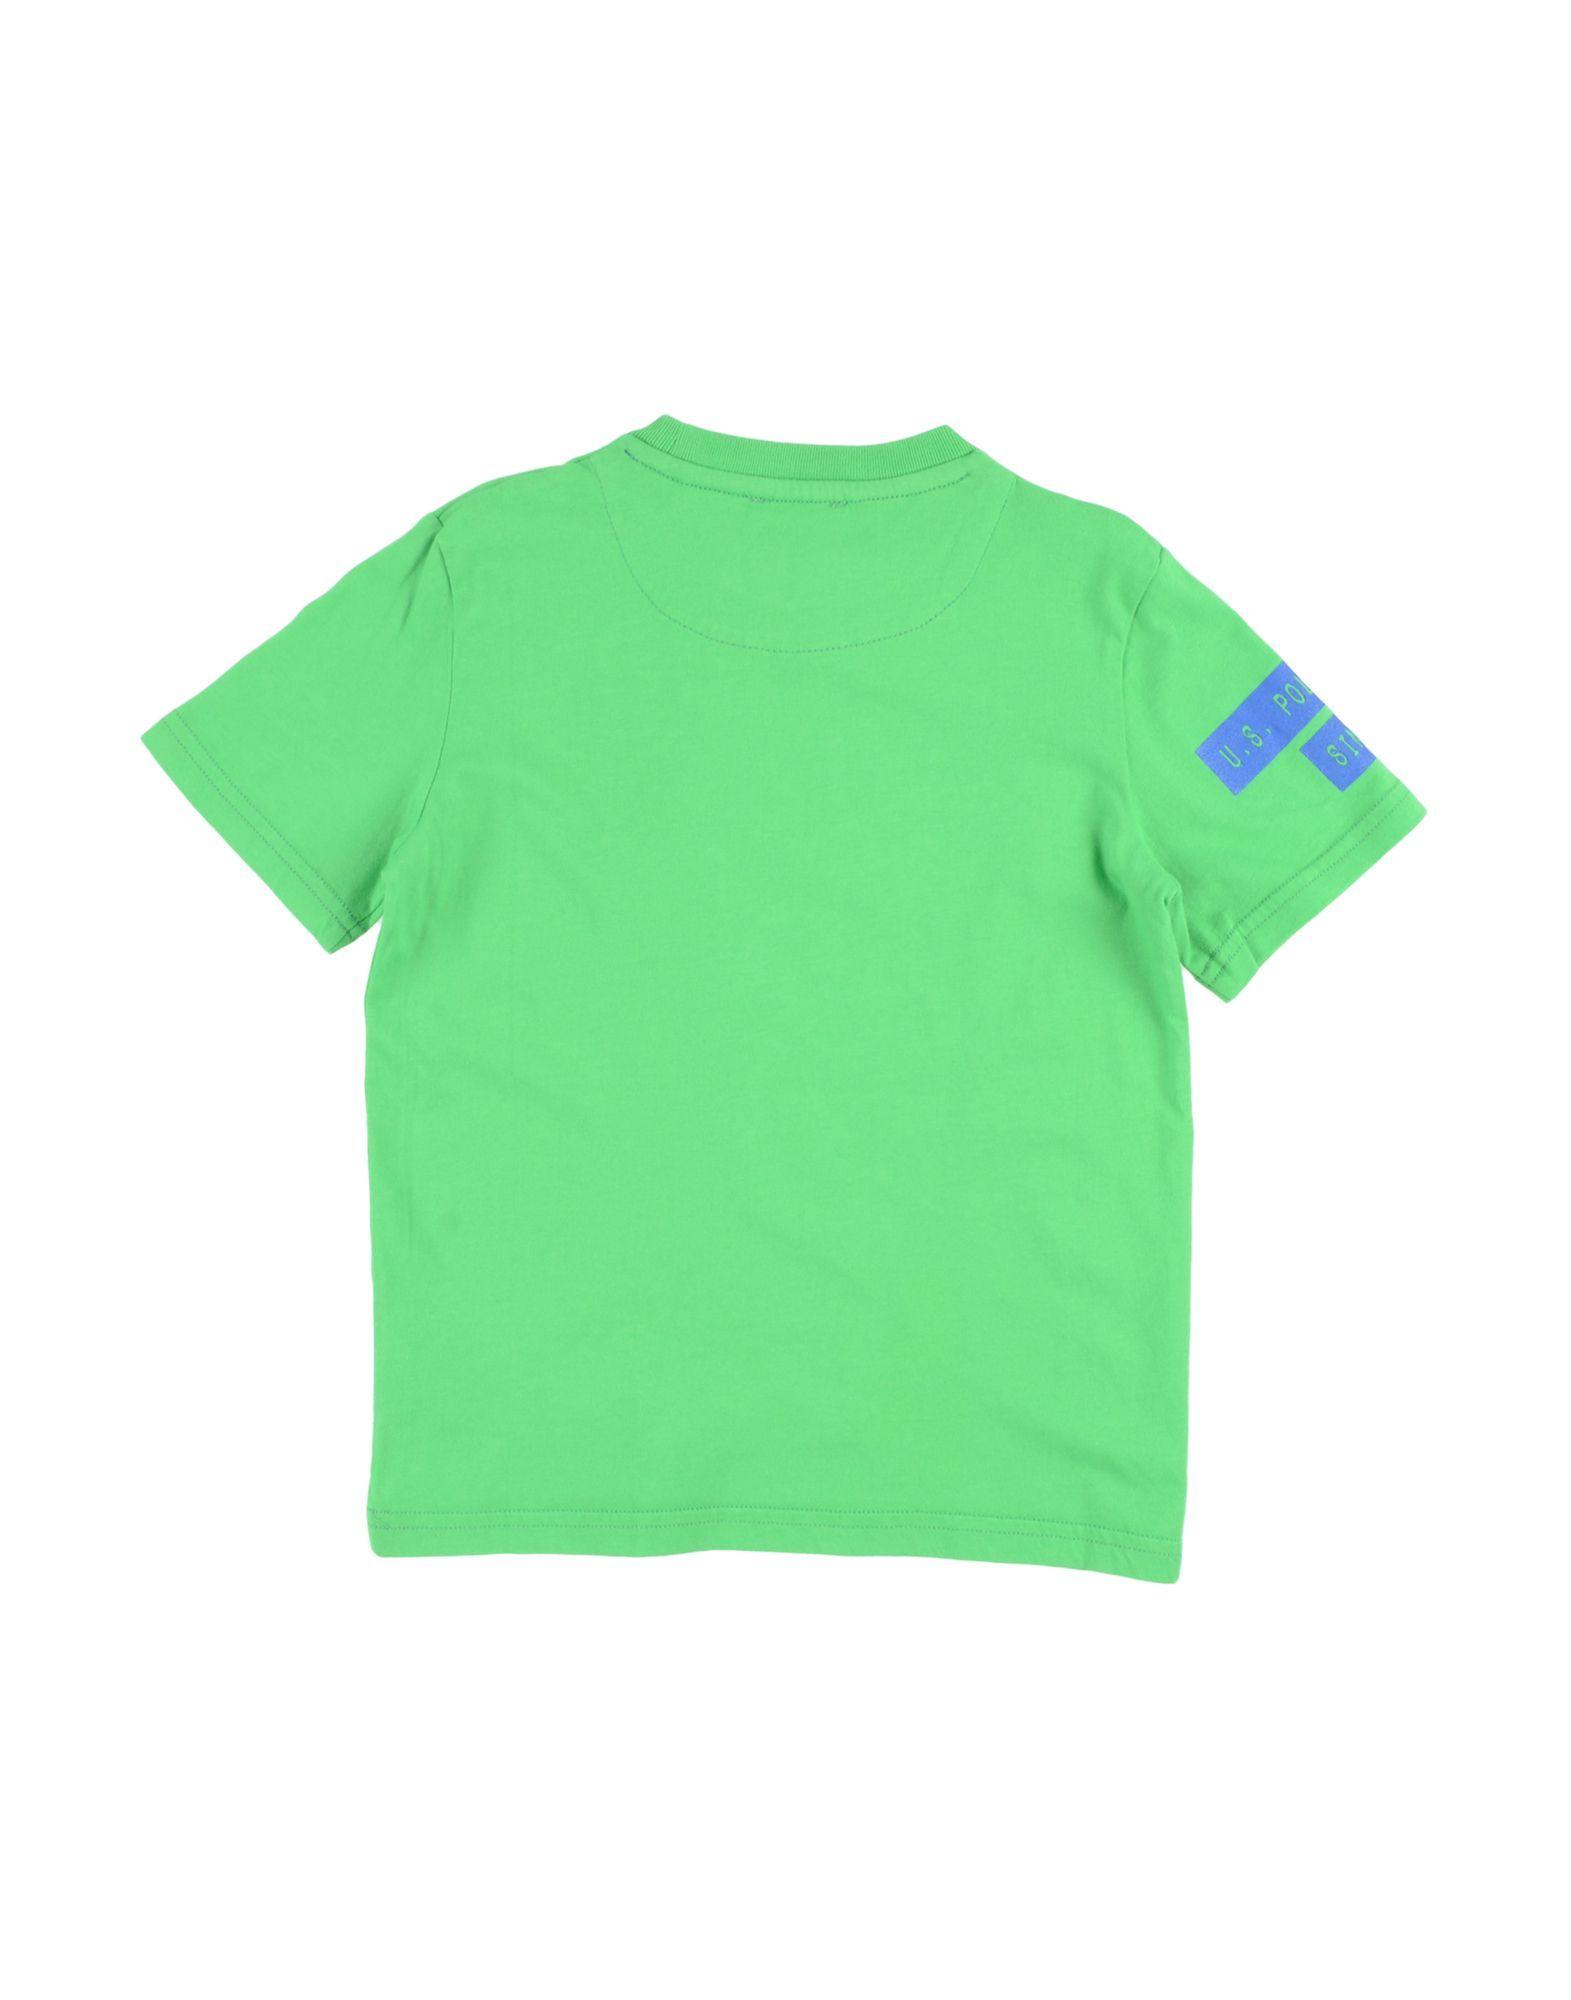 TOPWEAR Boy U.S.Polo Assn. Light green Cotton